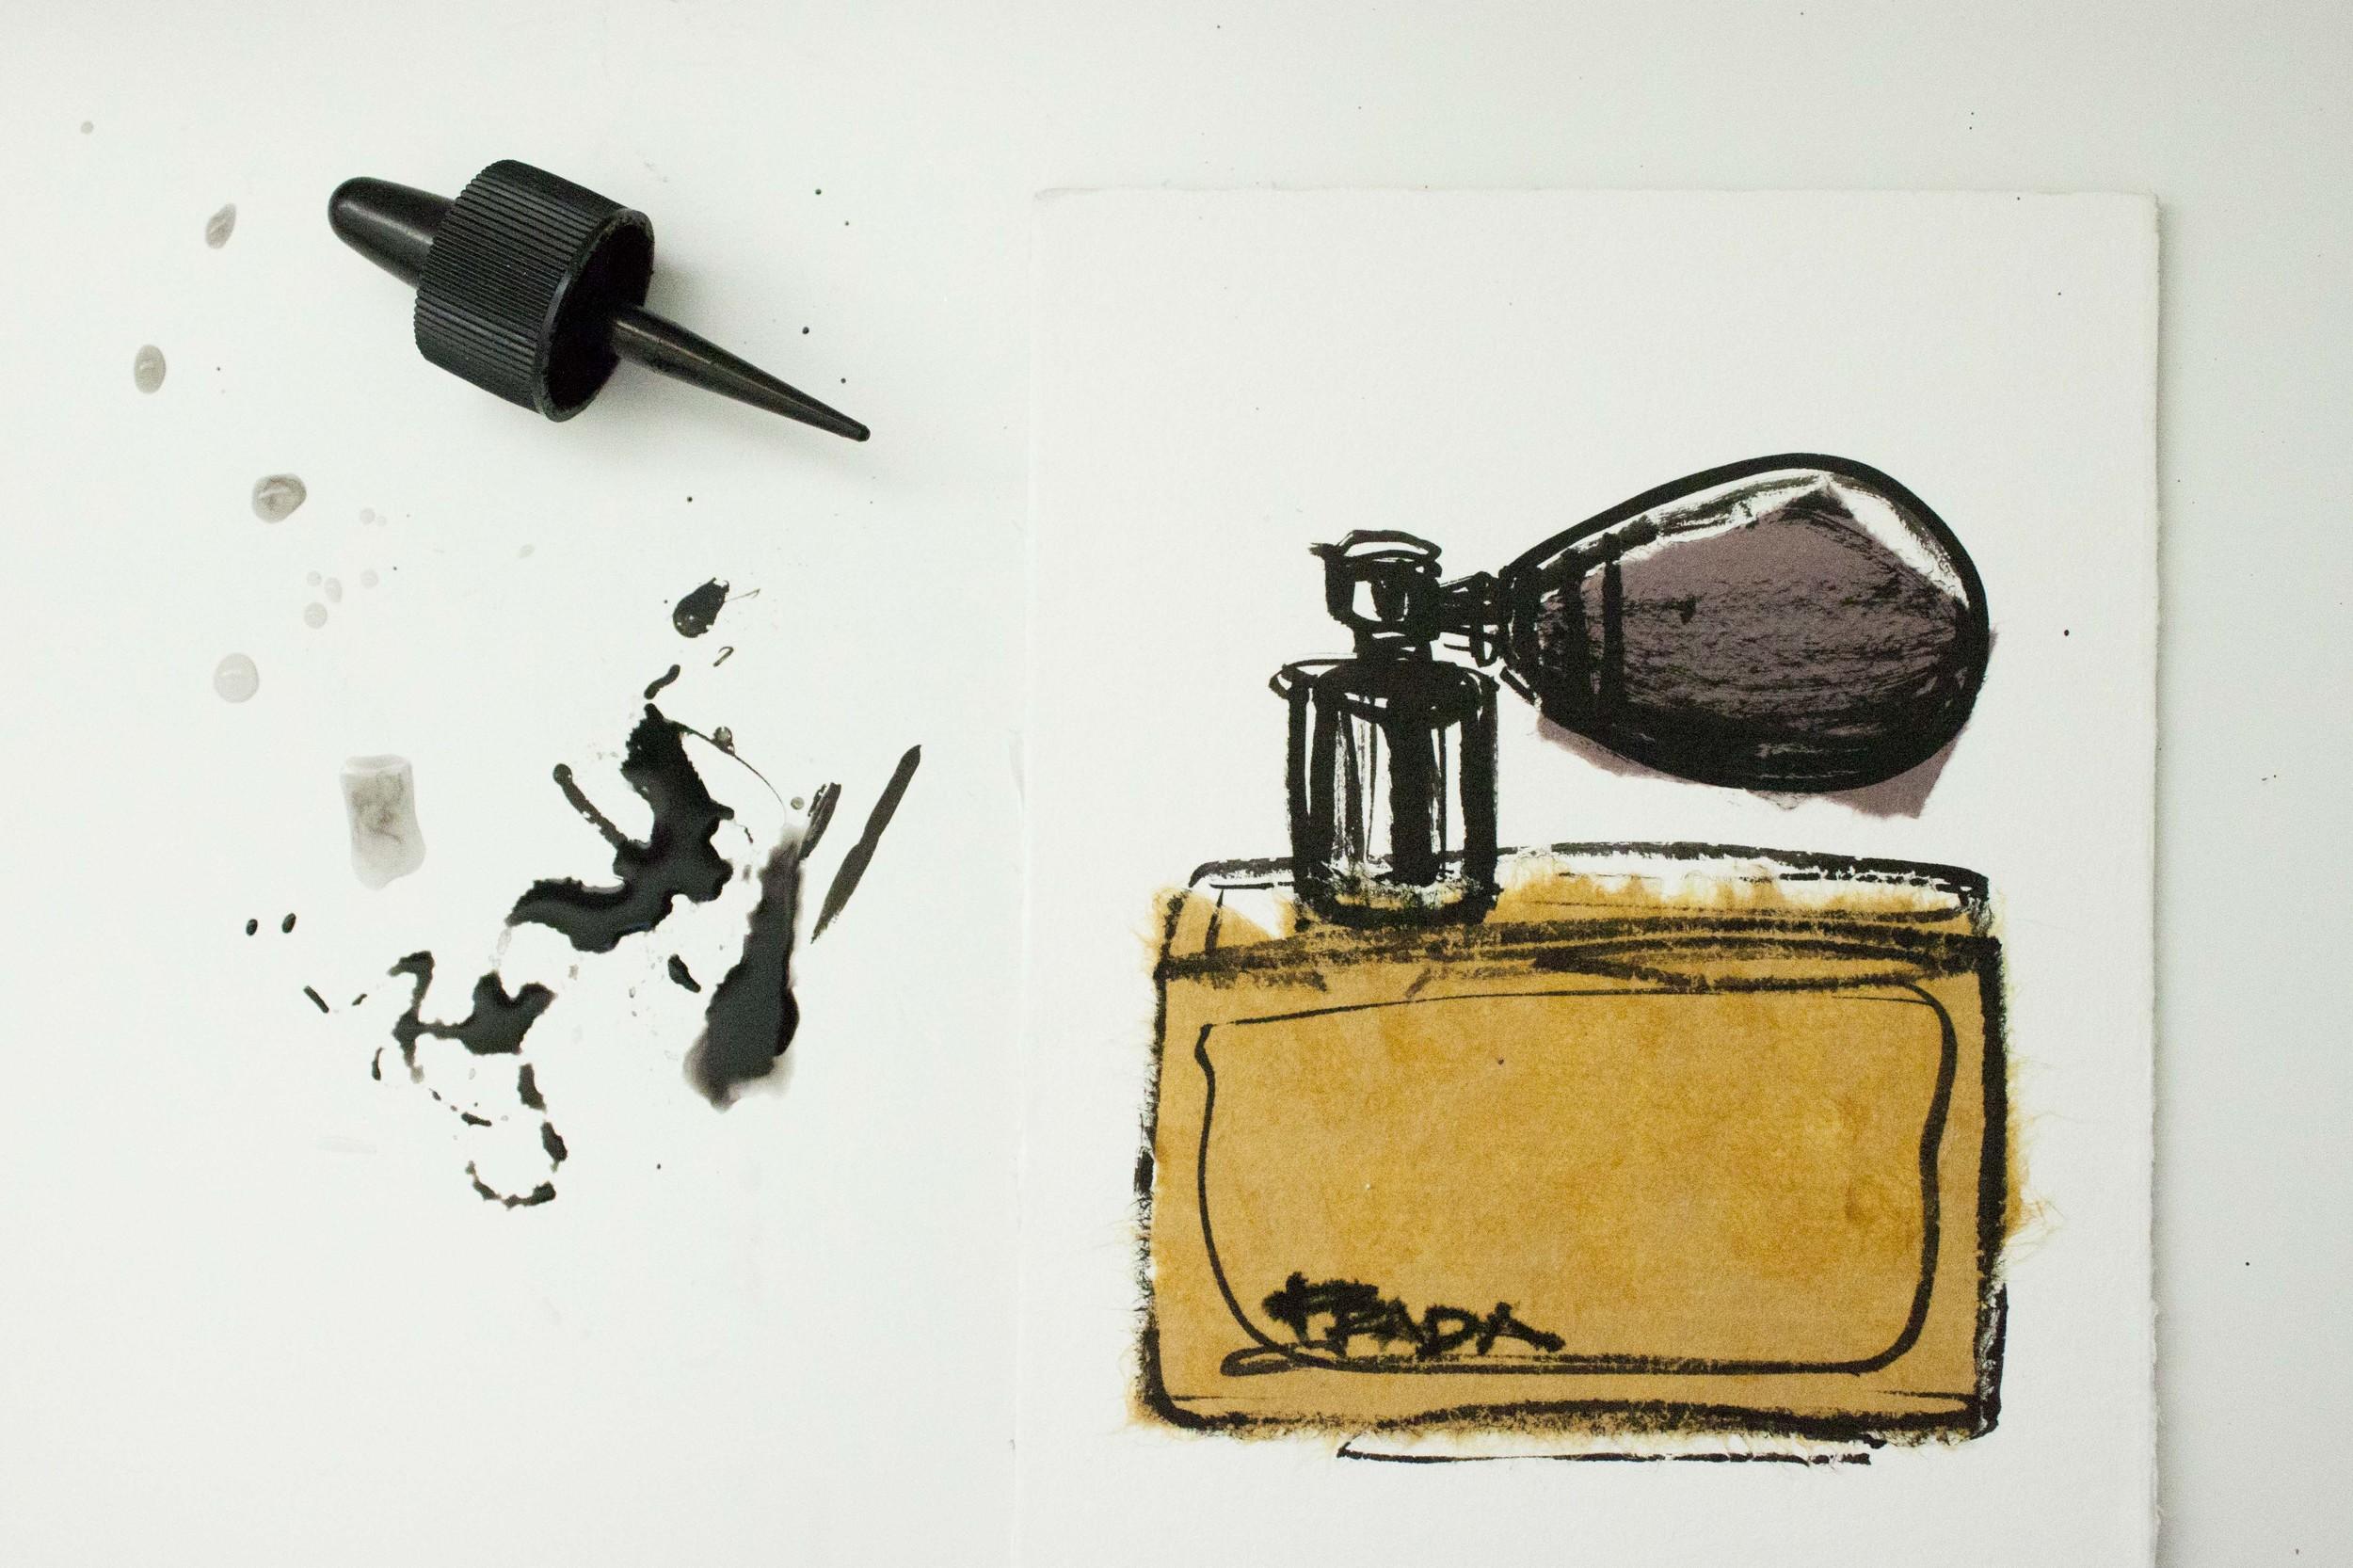 Prada Perfume illustrated by Victoria-Riza